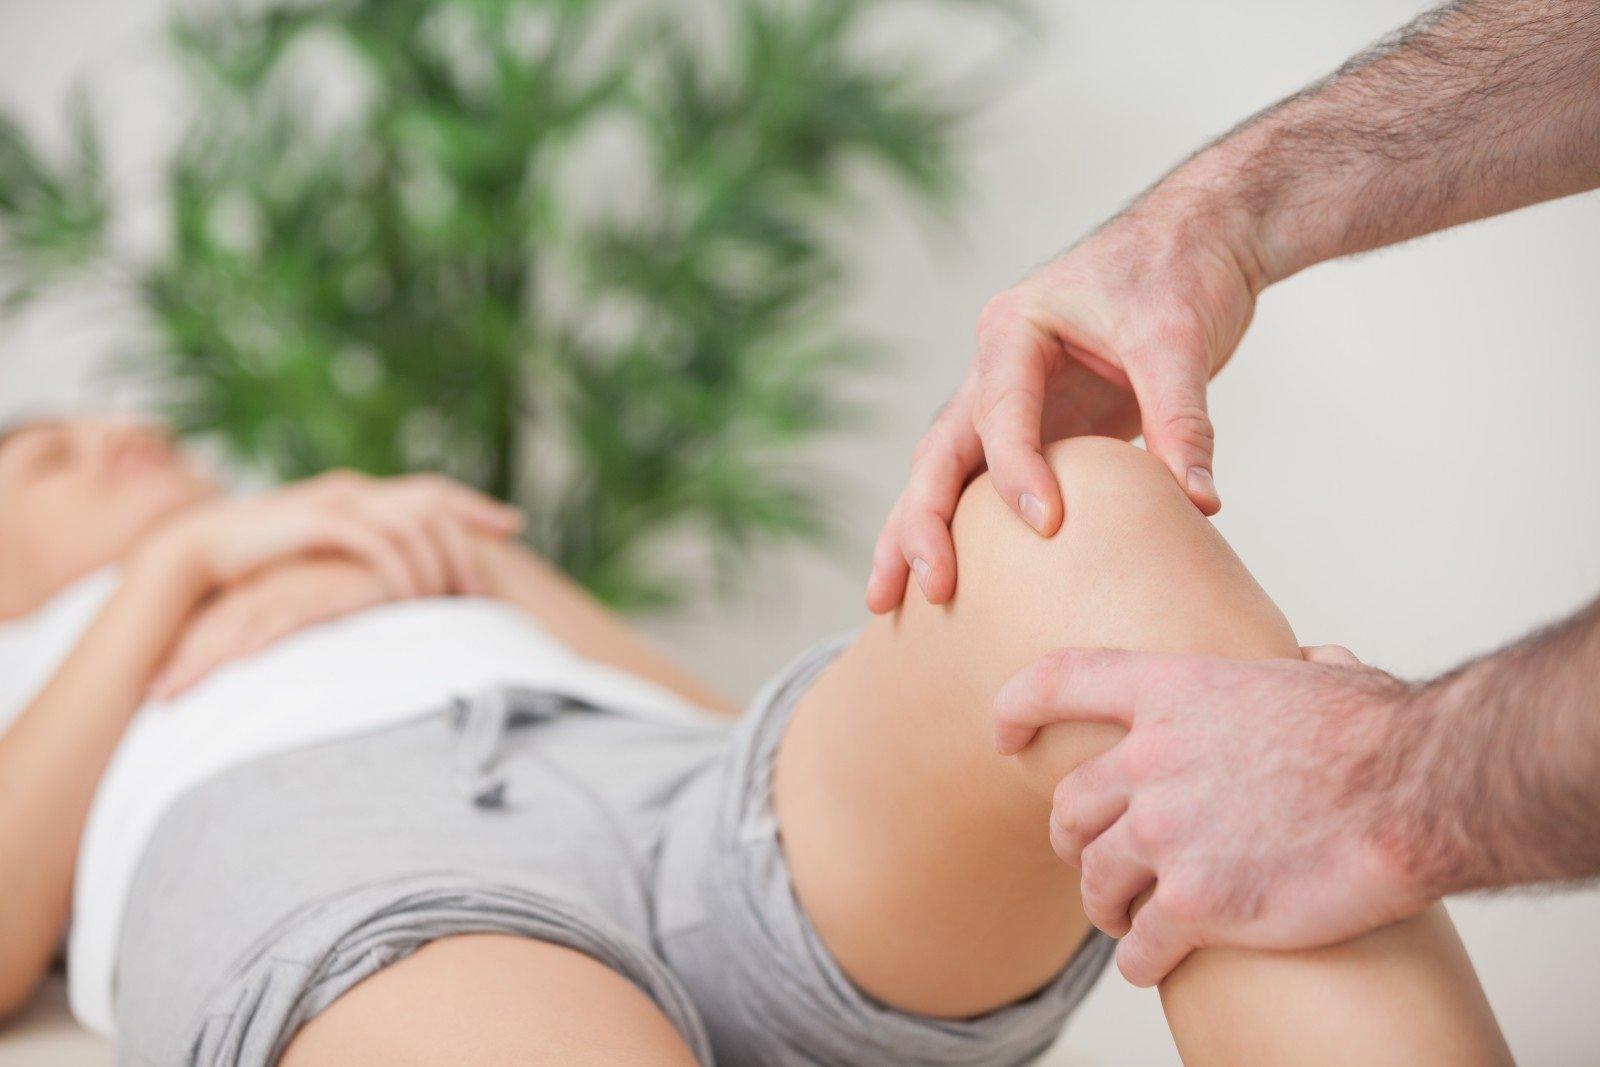 ligų gydymas sąnarių ir kaulų pavadinimų sukelti skausmo pečių ir alkūnių sąnarių gydymo